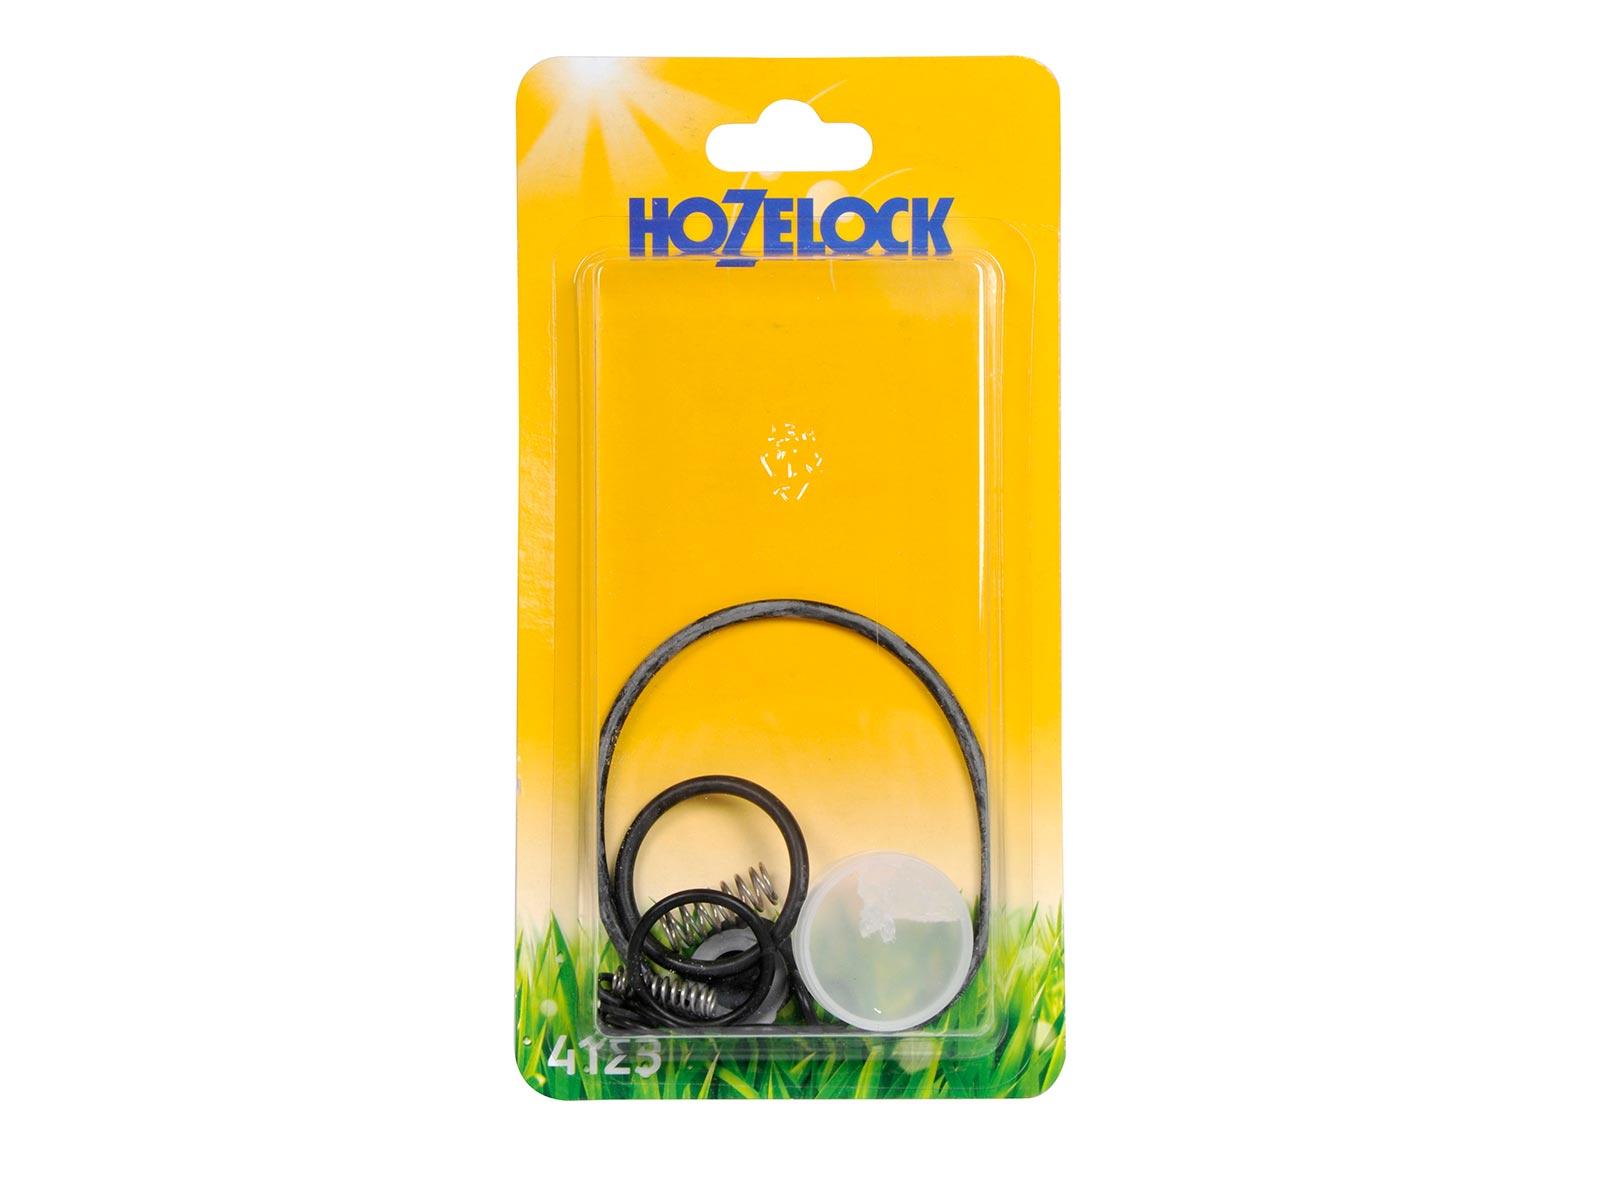 Опрыскиватель садовый Hozelock комплект обслуживания 4125 для опрыскивателей 5 л, 7 л и 10 л, черный